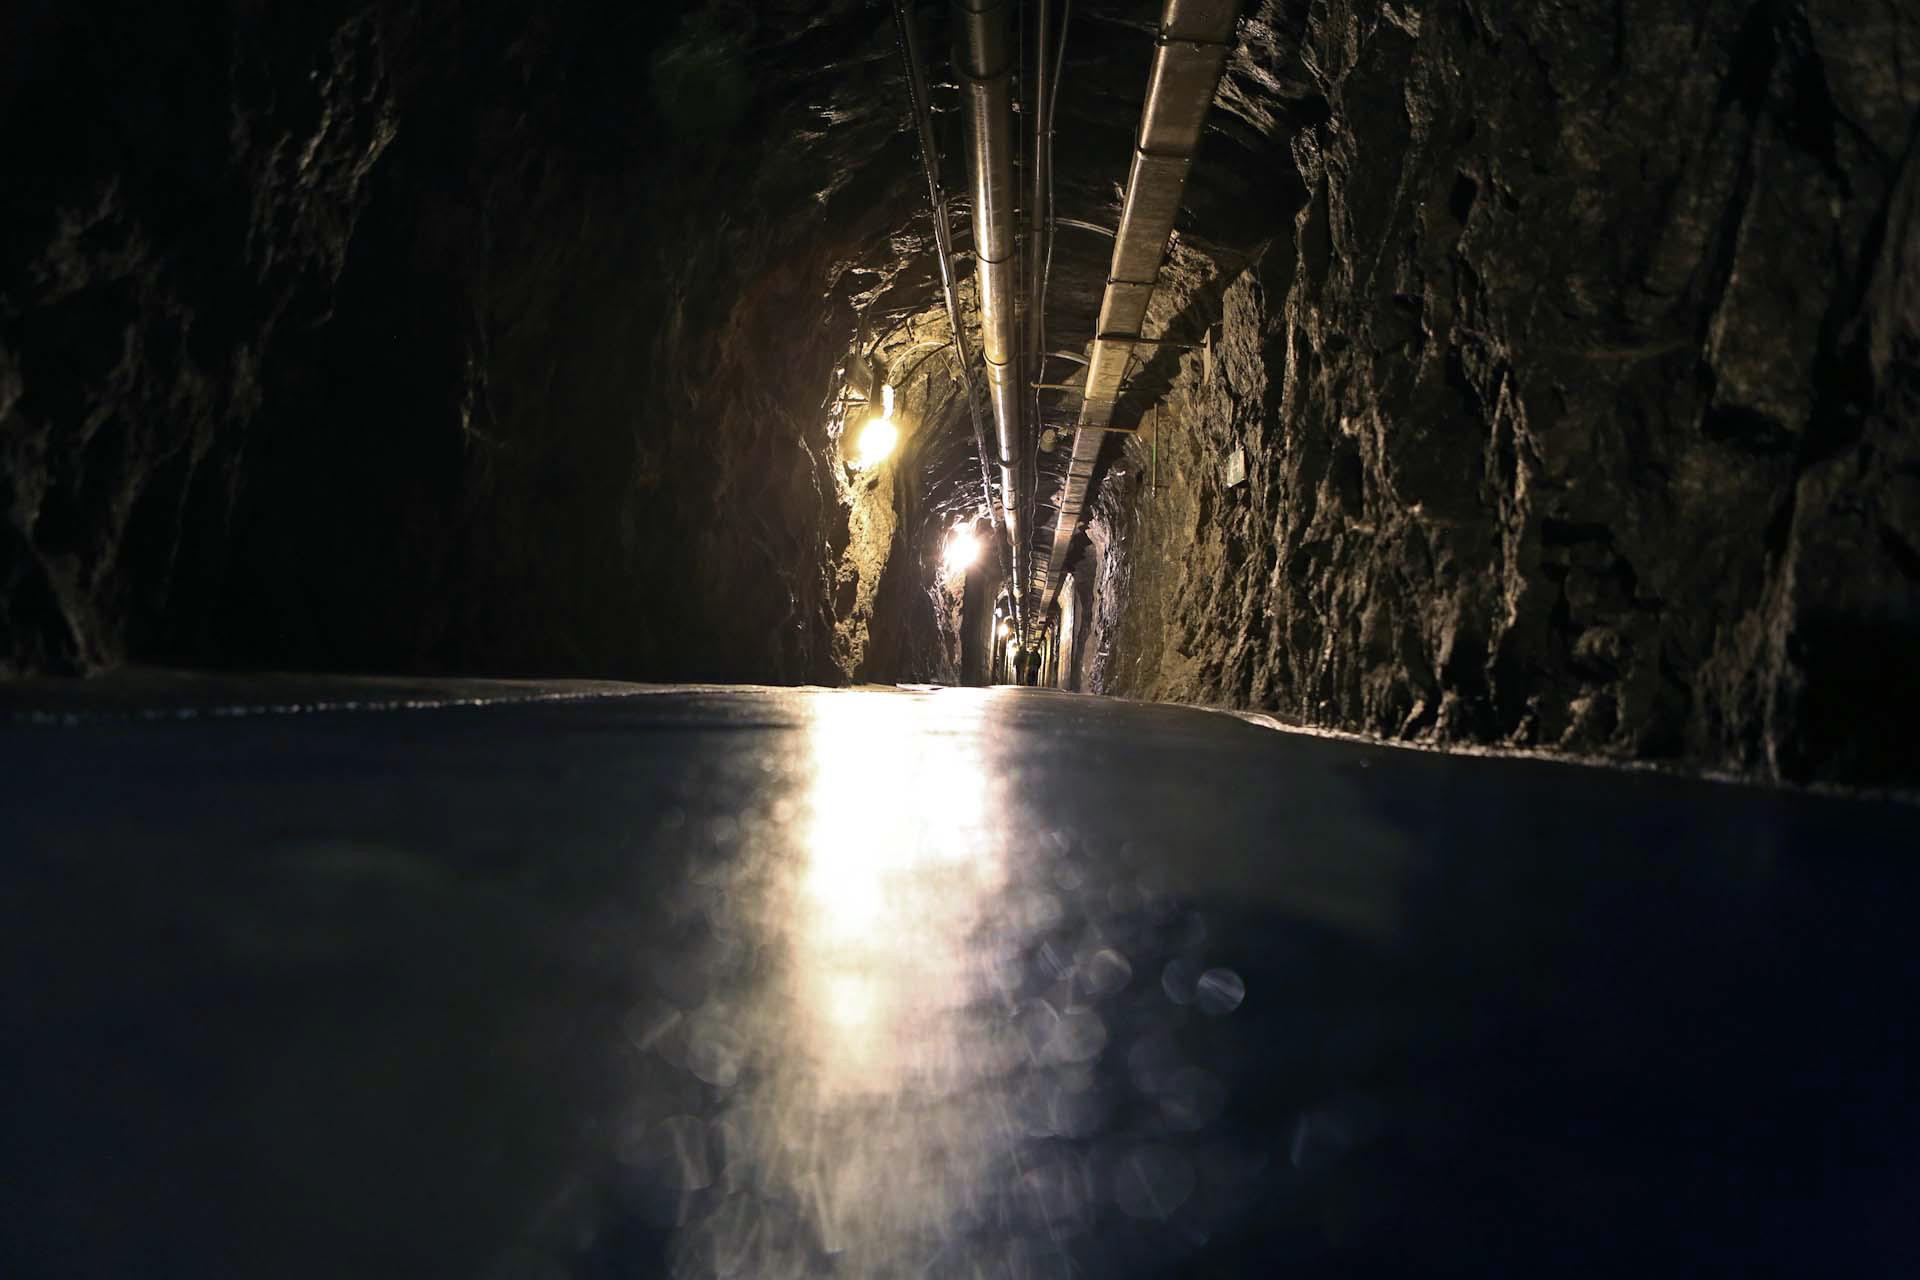 Im Berg ist es feucht und kalt. Es geht schnurgerade durch endlose spärlich beleuchtet Gänge immer tiefer in den Berg hinein, an der Decke befinden sich diverse Versorgungsleitungen.